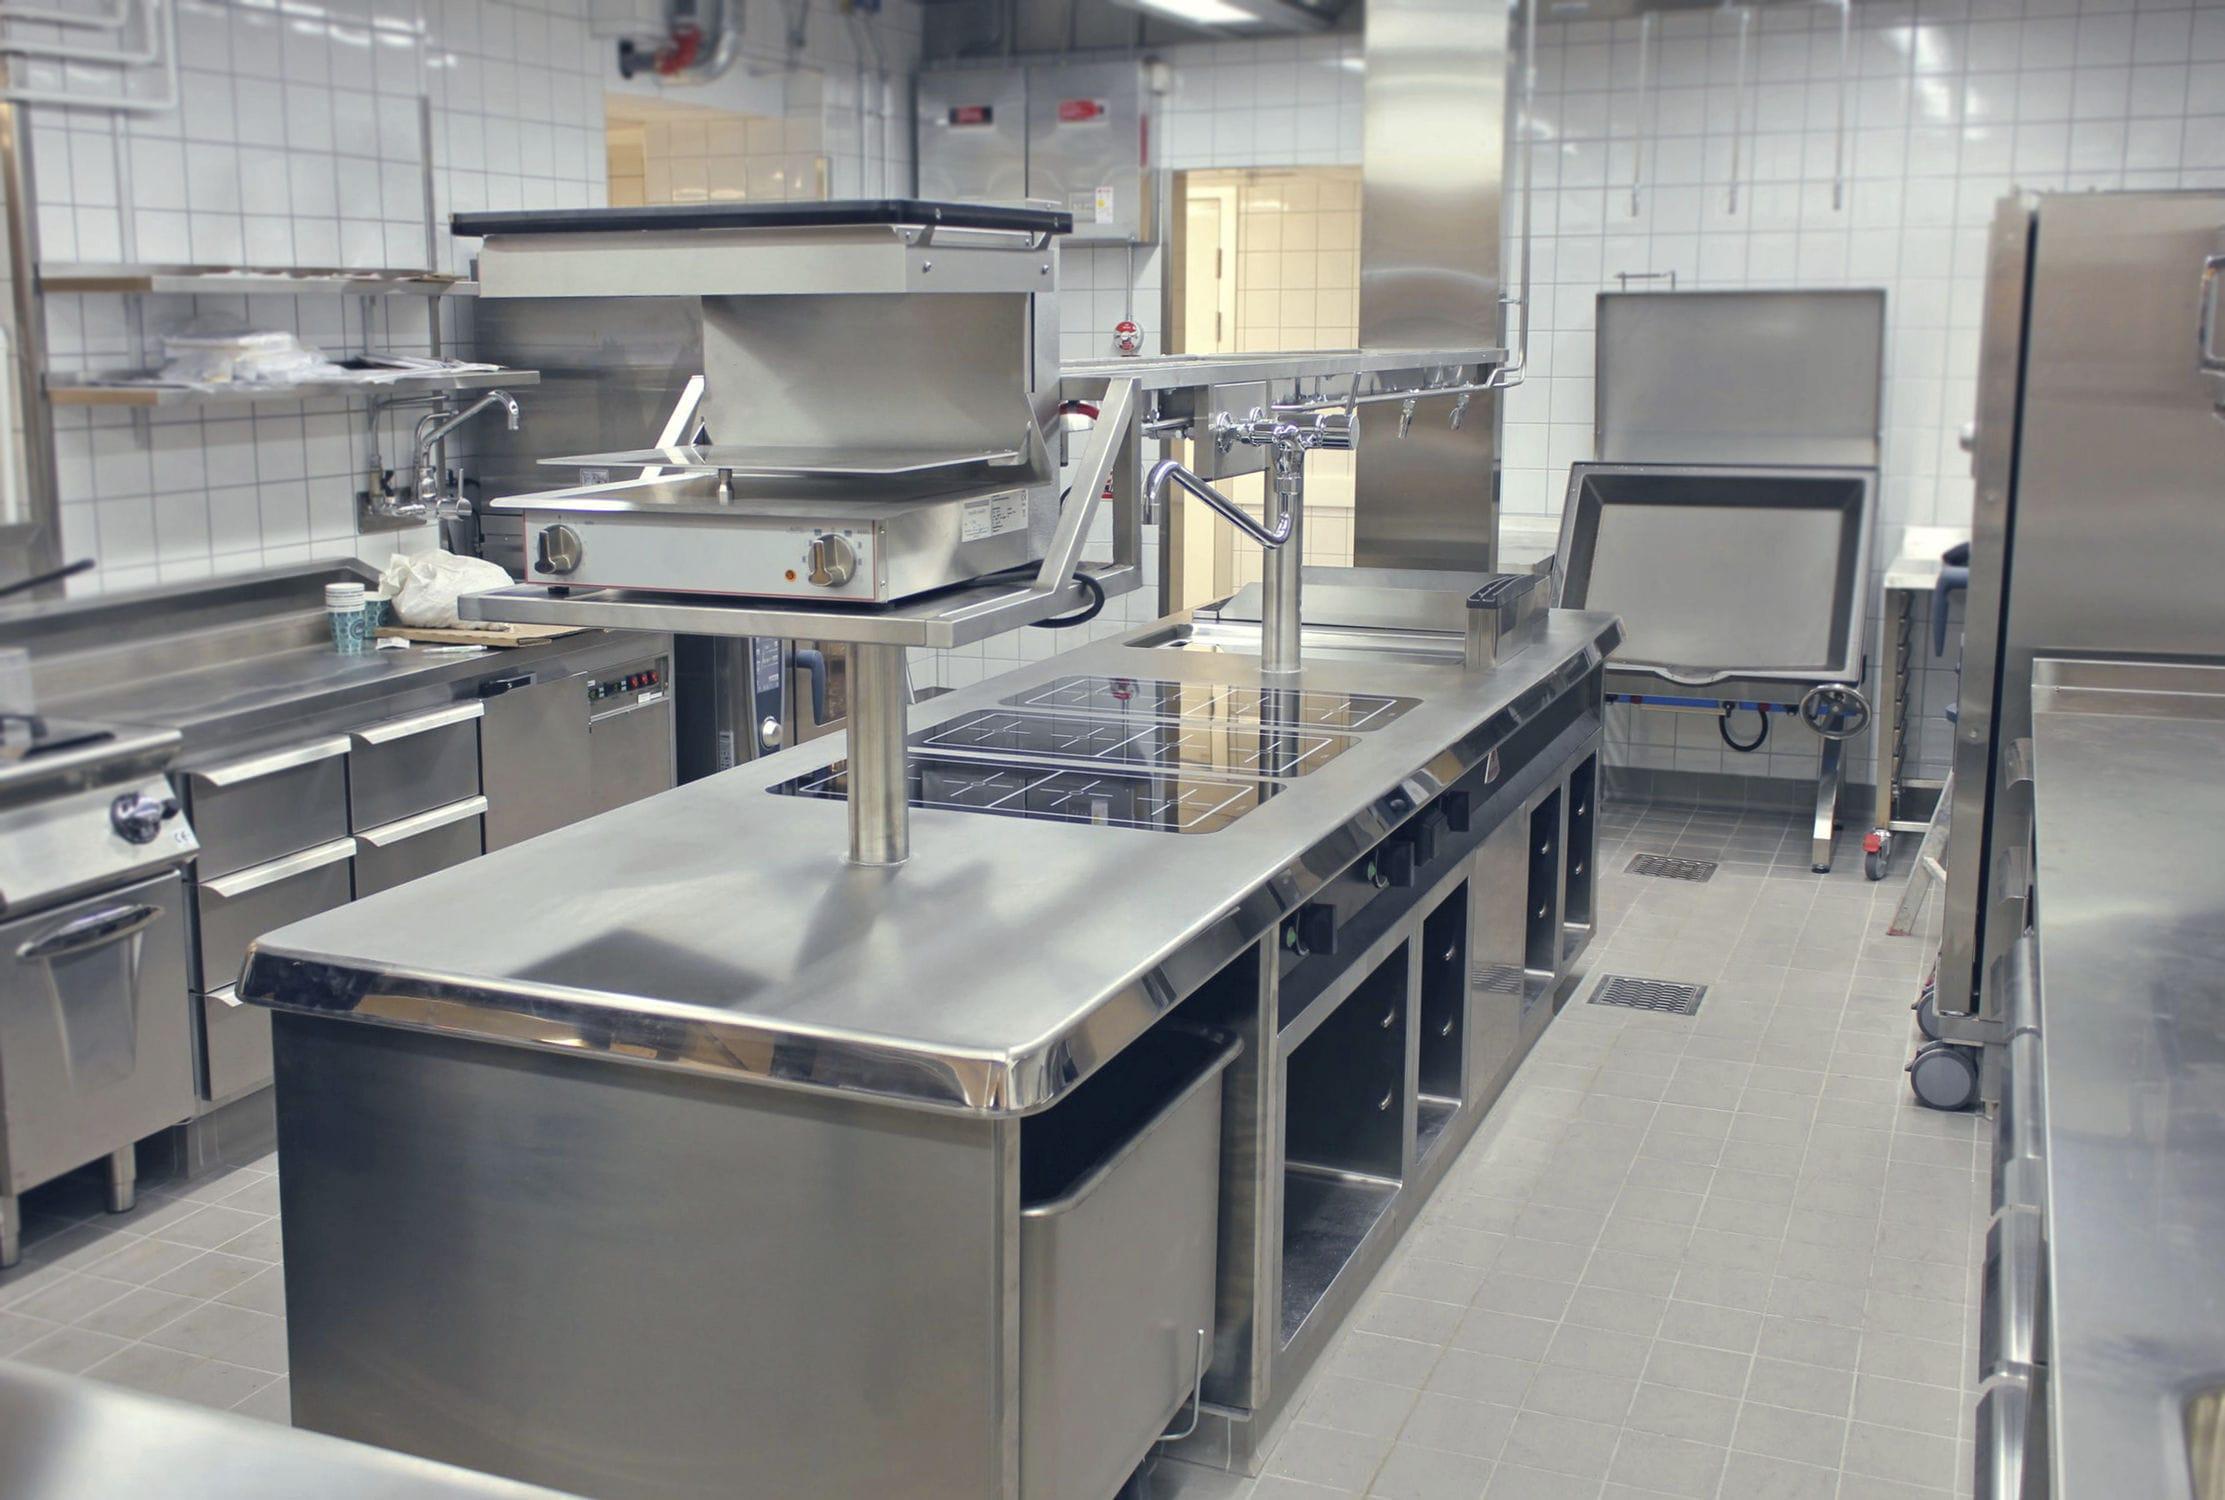 Cucina Professionale In Acciaio Inox Berto S S P A Modulare